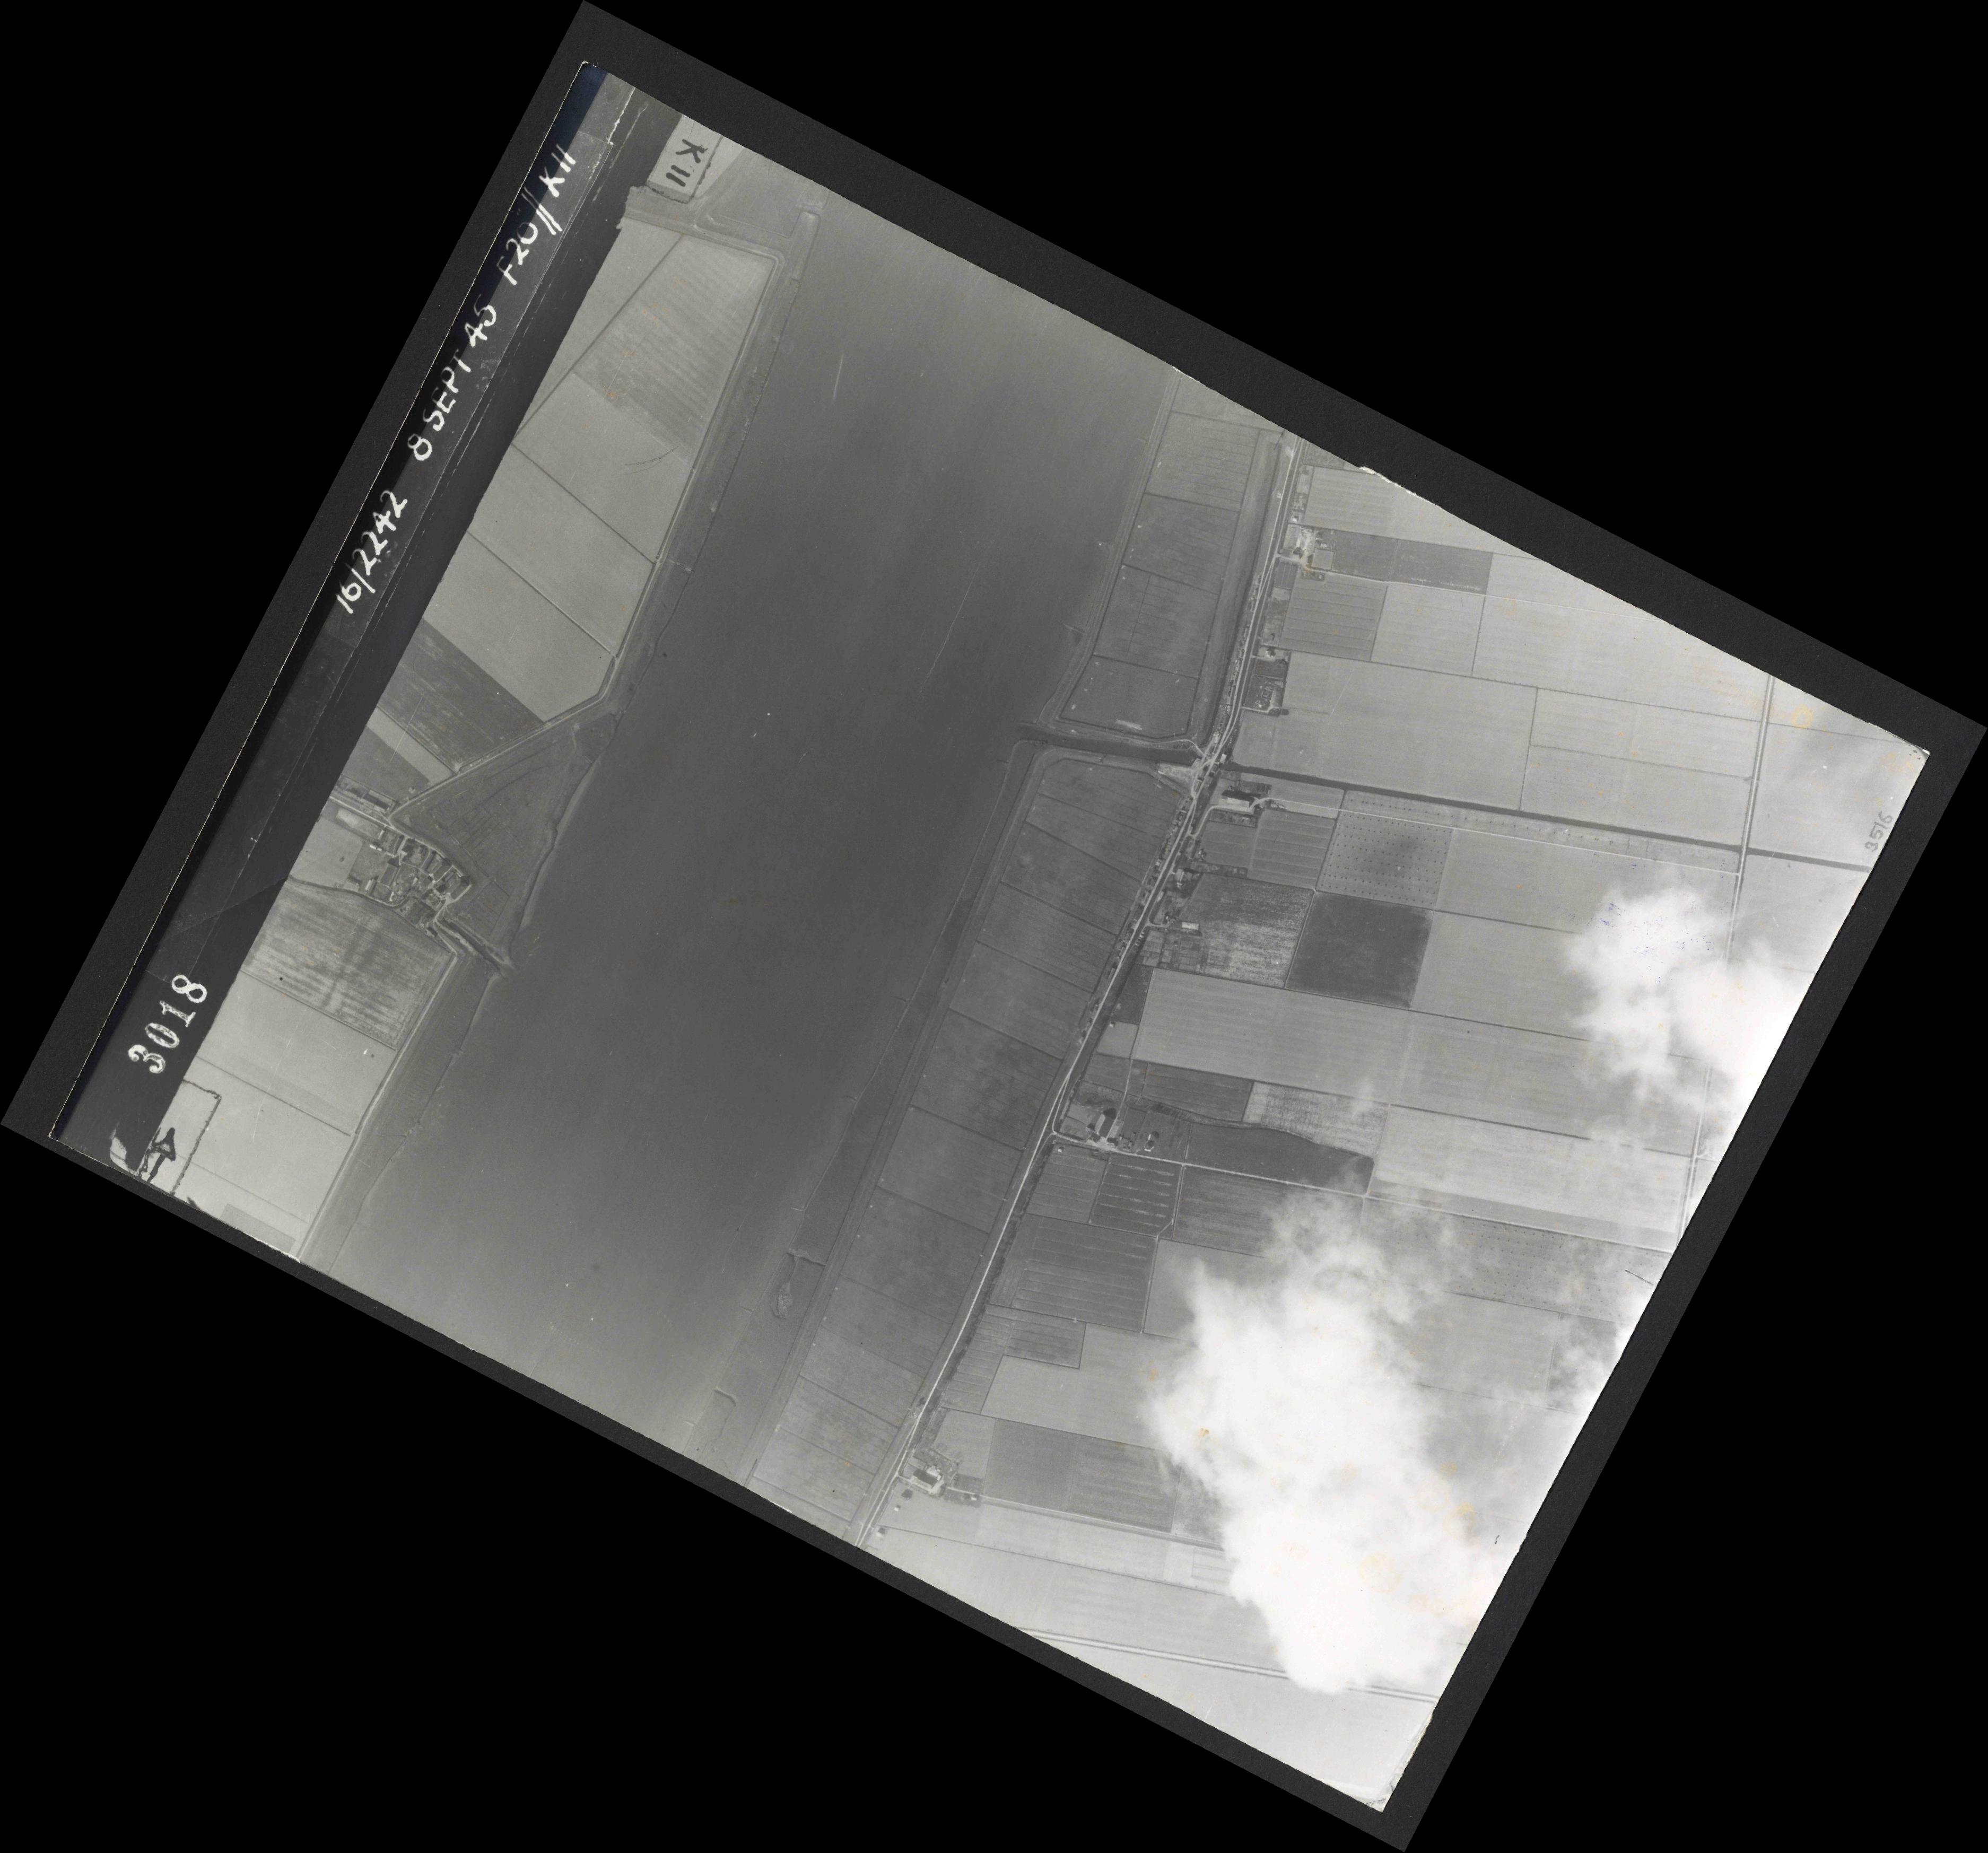 Collection RAF aerial photos 1940-1945 - flight 036, run 12, photo 3018